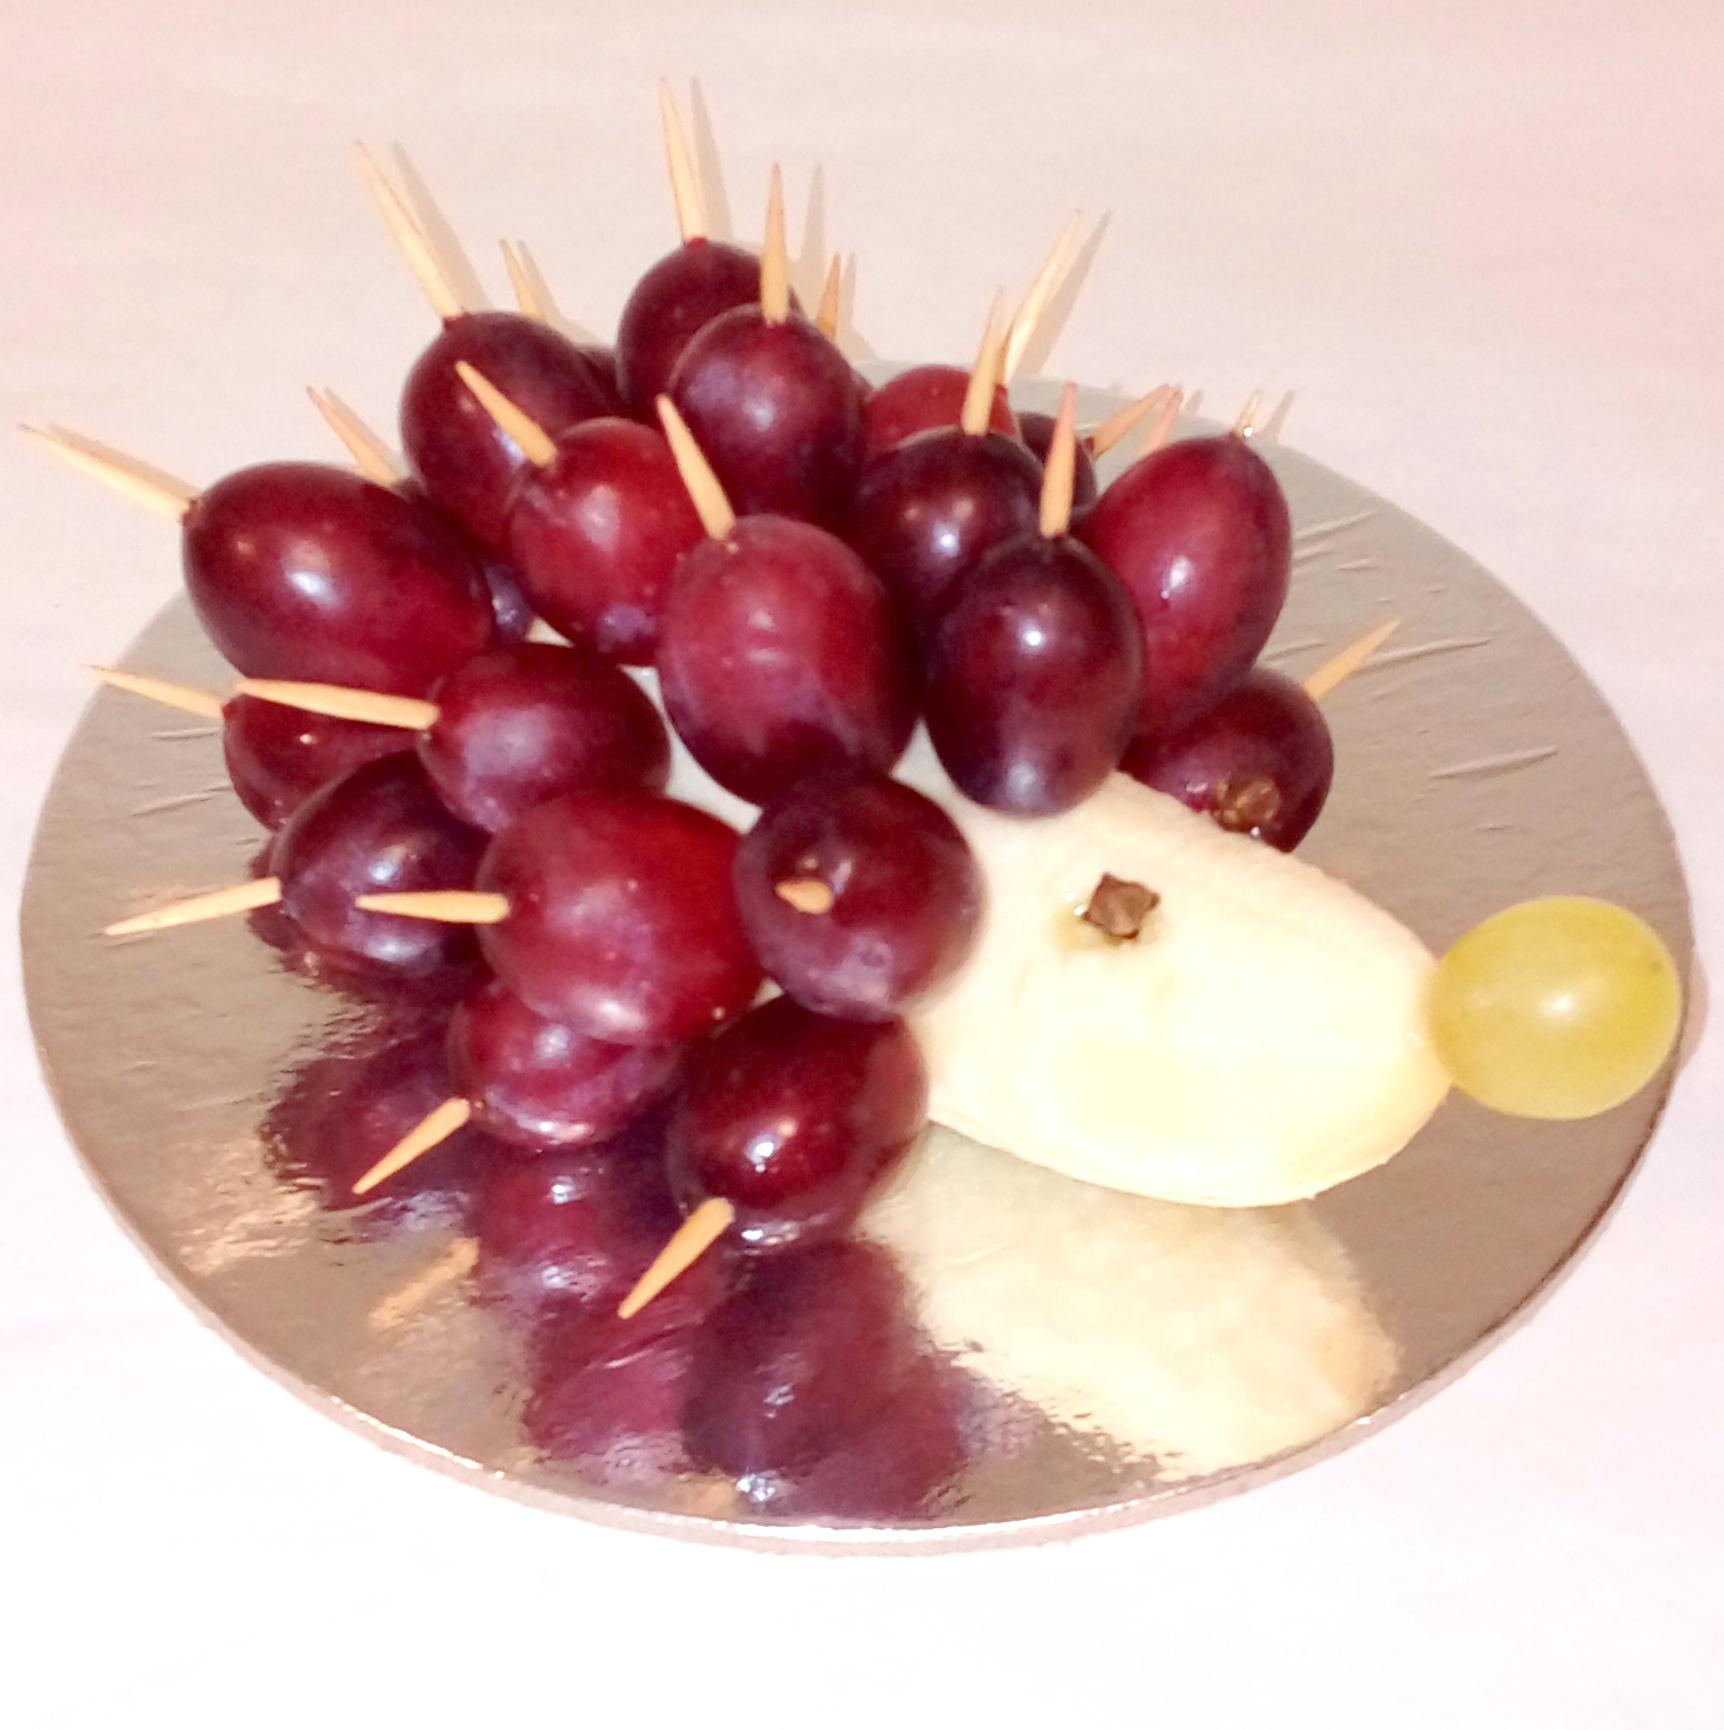 ovocnyjezko